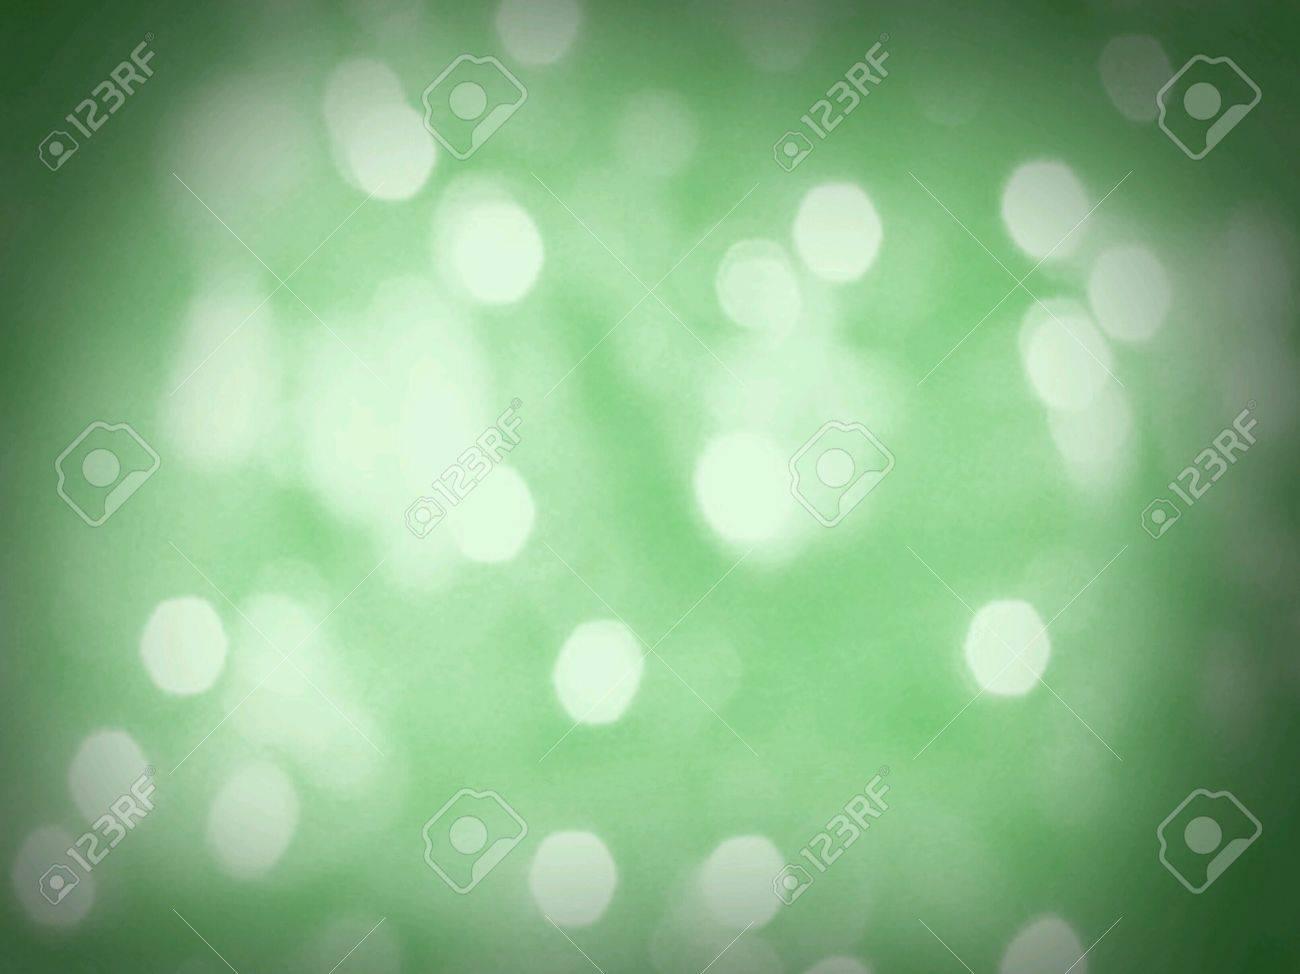 Green Light Effects Background Green Bokeh Light Blur Effect